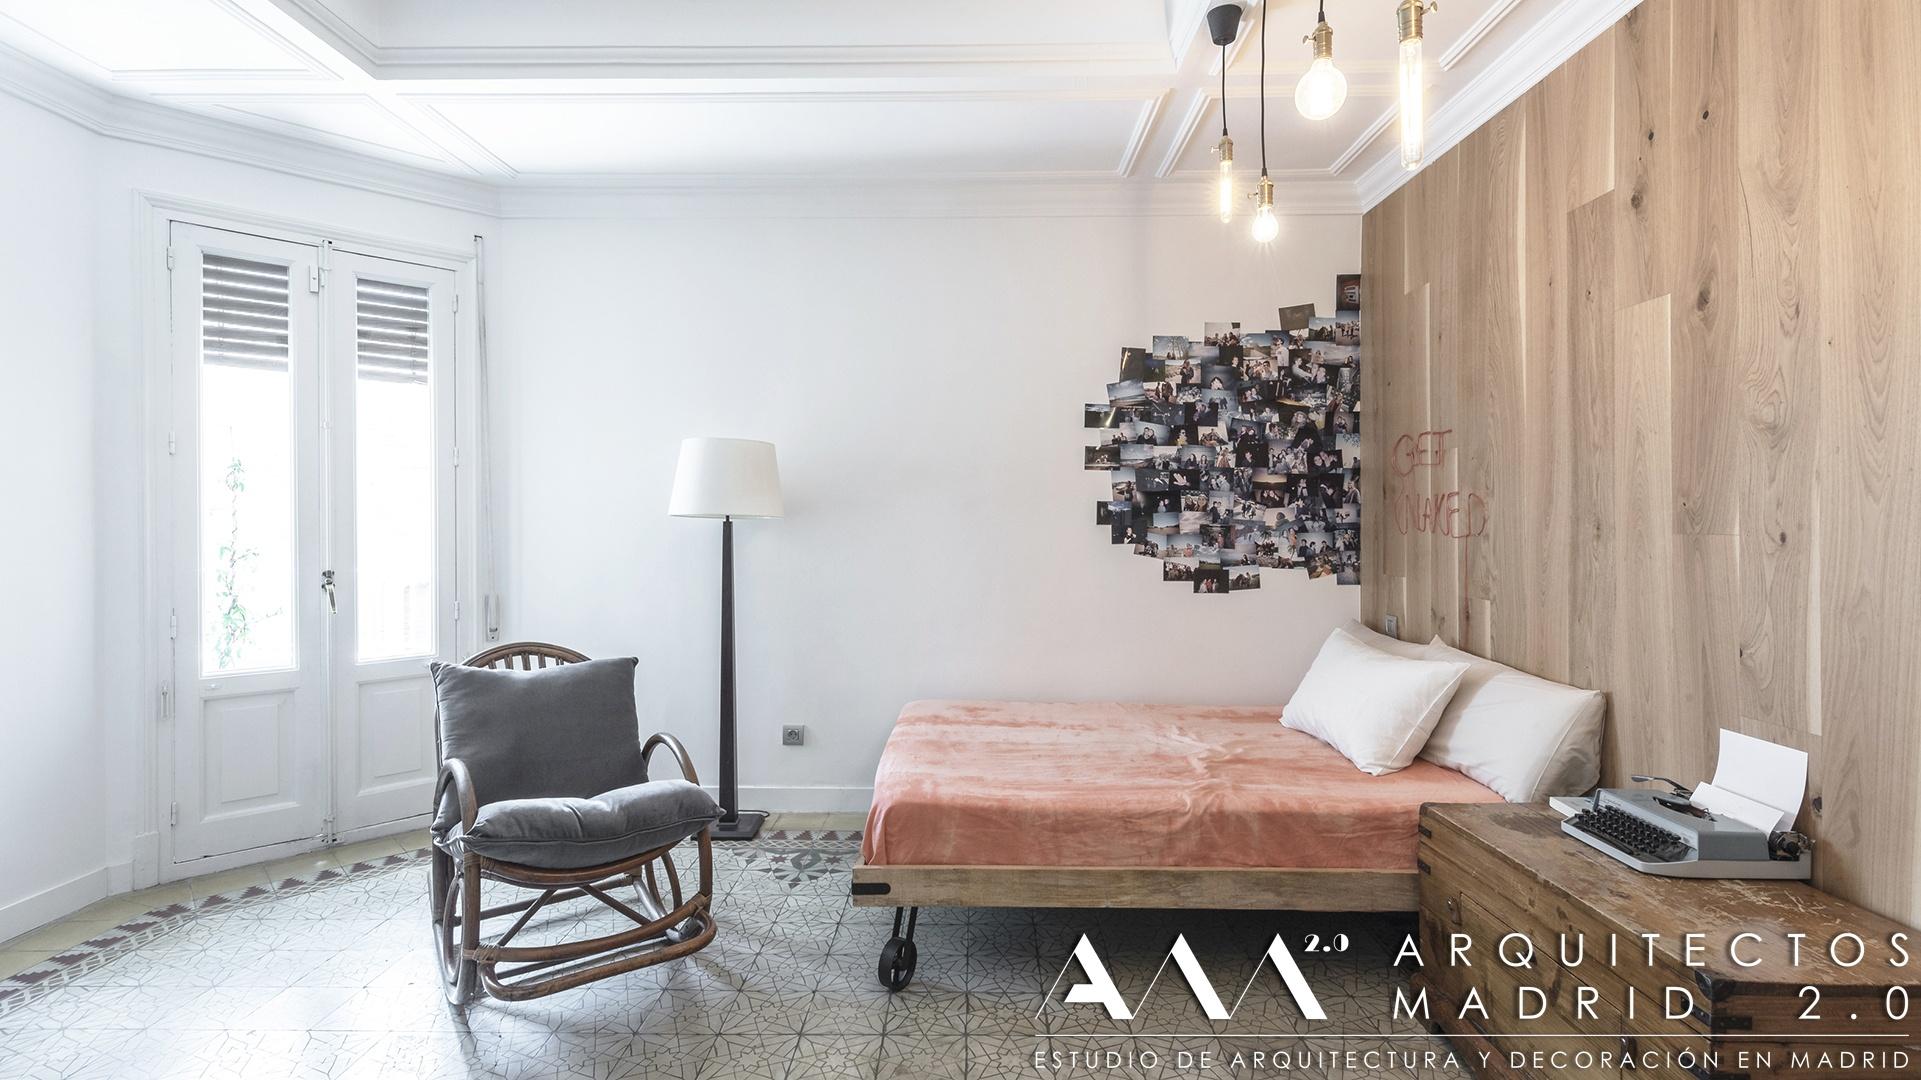 consejos-ideas-reformas-integrales-reformar-casa-salon-cocina-dormitorio-reforma-hogar-interior-decoracion-13